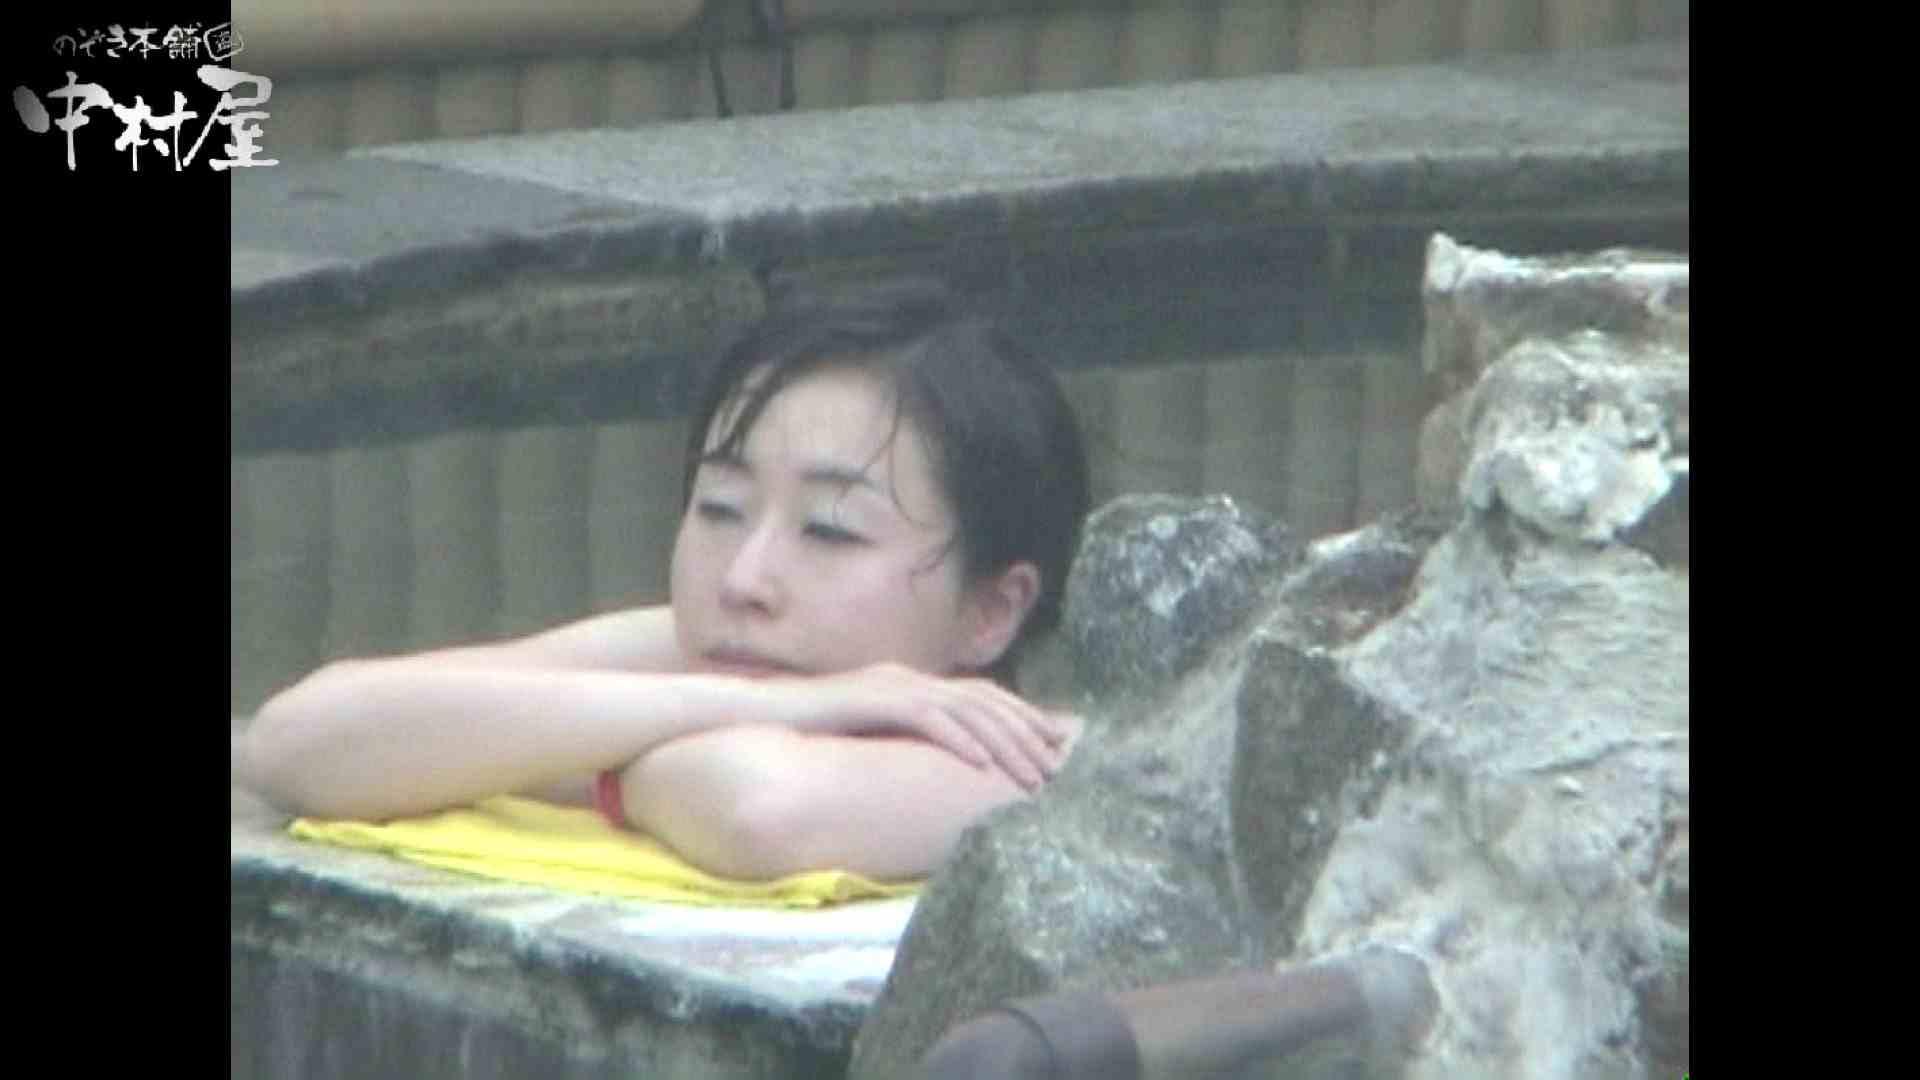 Aquaな露天風呂Vol.957 盗撮シリーズ  110PIX 106